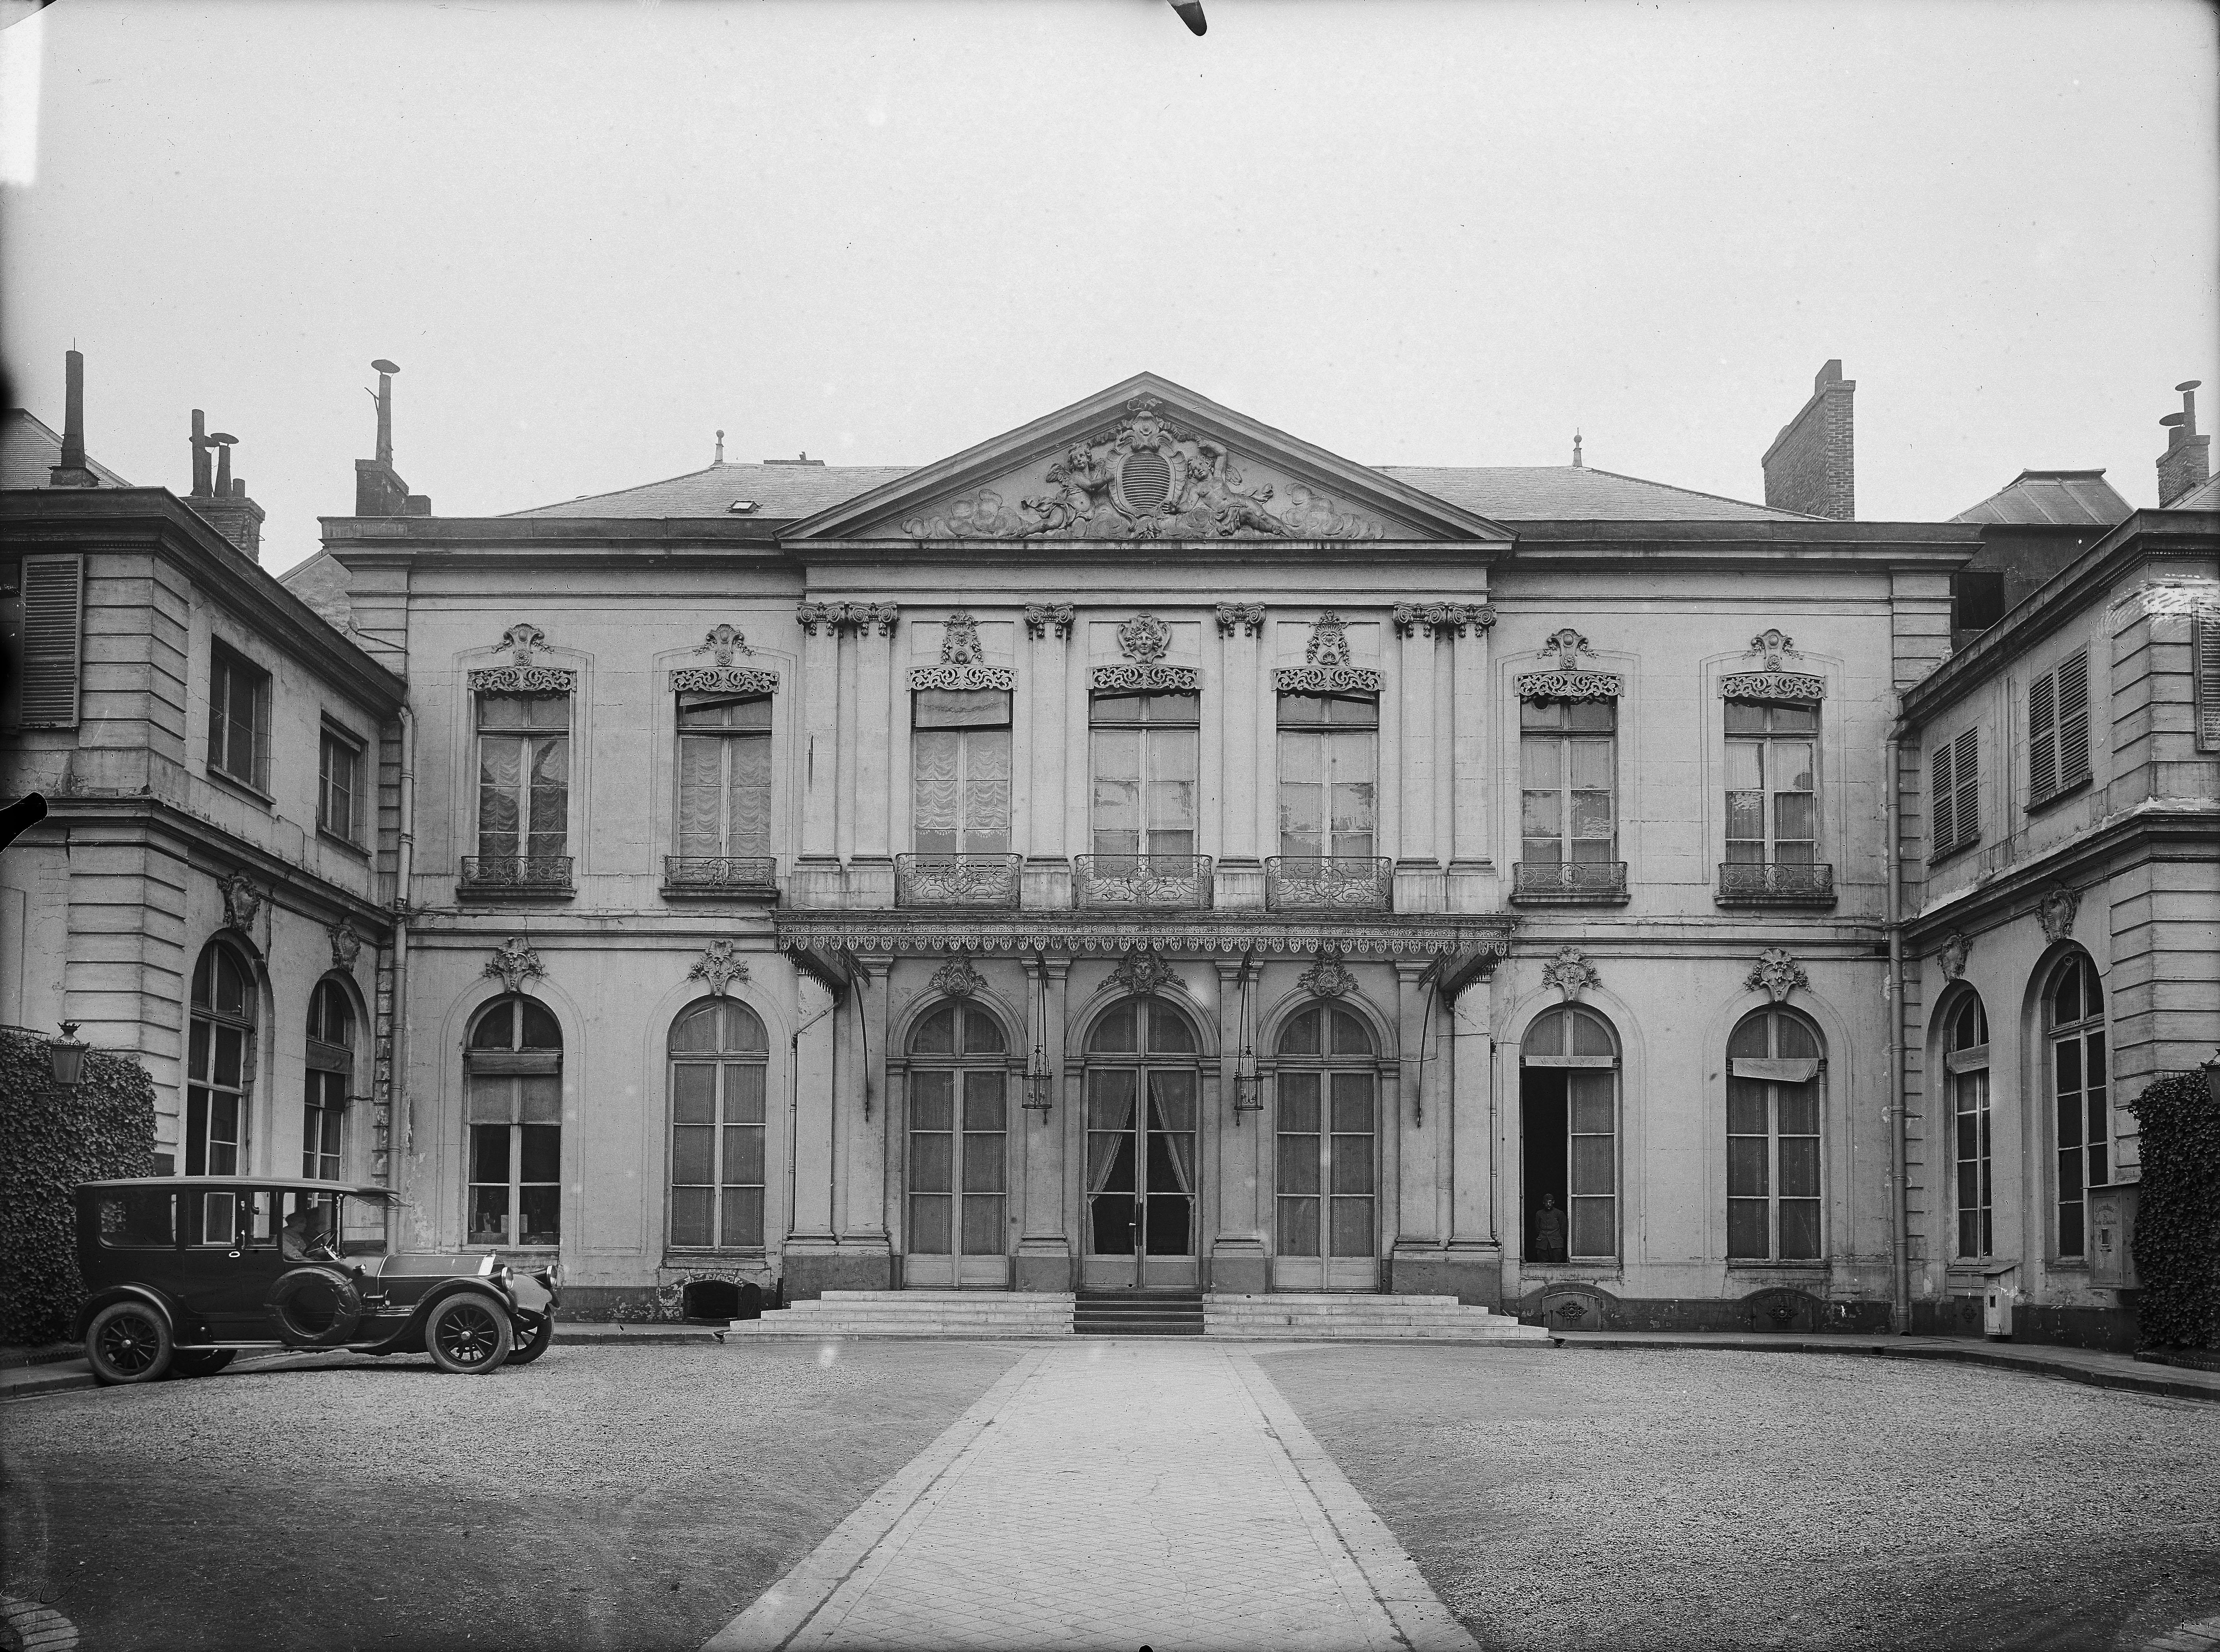 Ministère de la Guerre, 14 rue Saint-Dominique. Façade sur Cour. Paris (7e arr.). Plaque de verre, 18 x 24 cm, 1920.